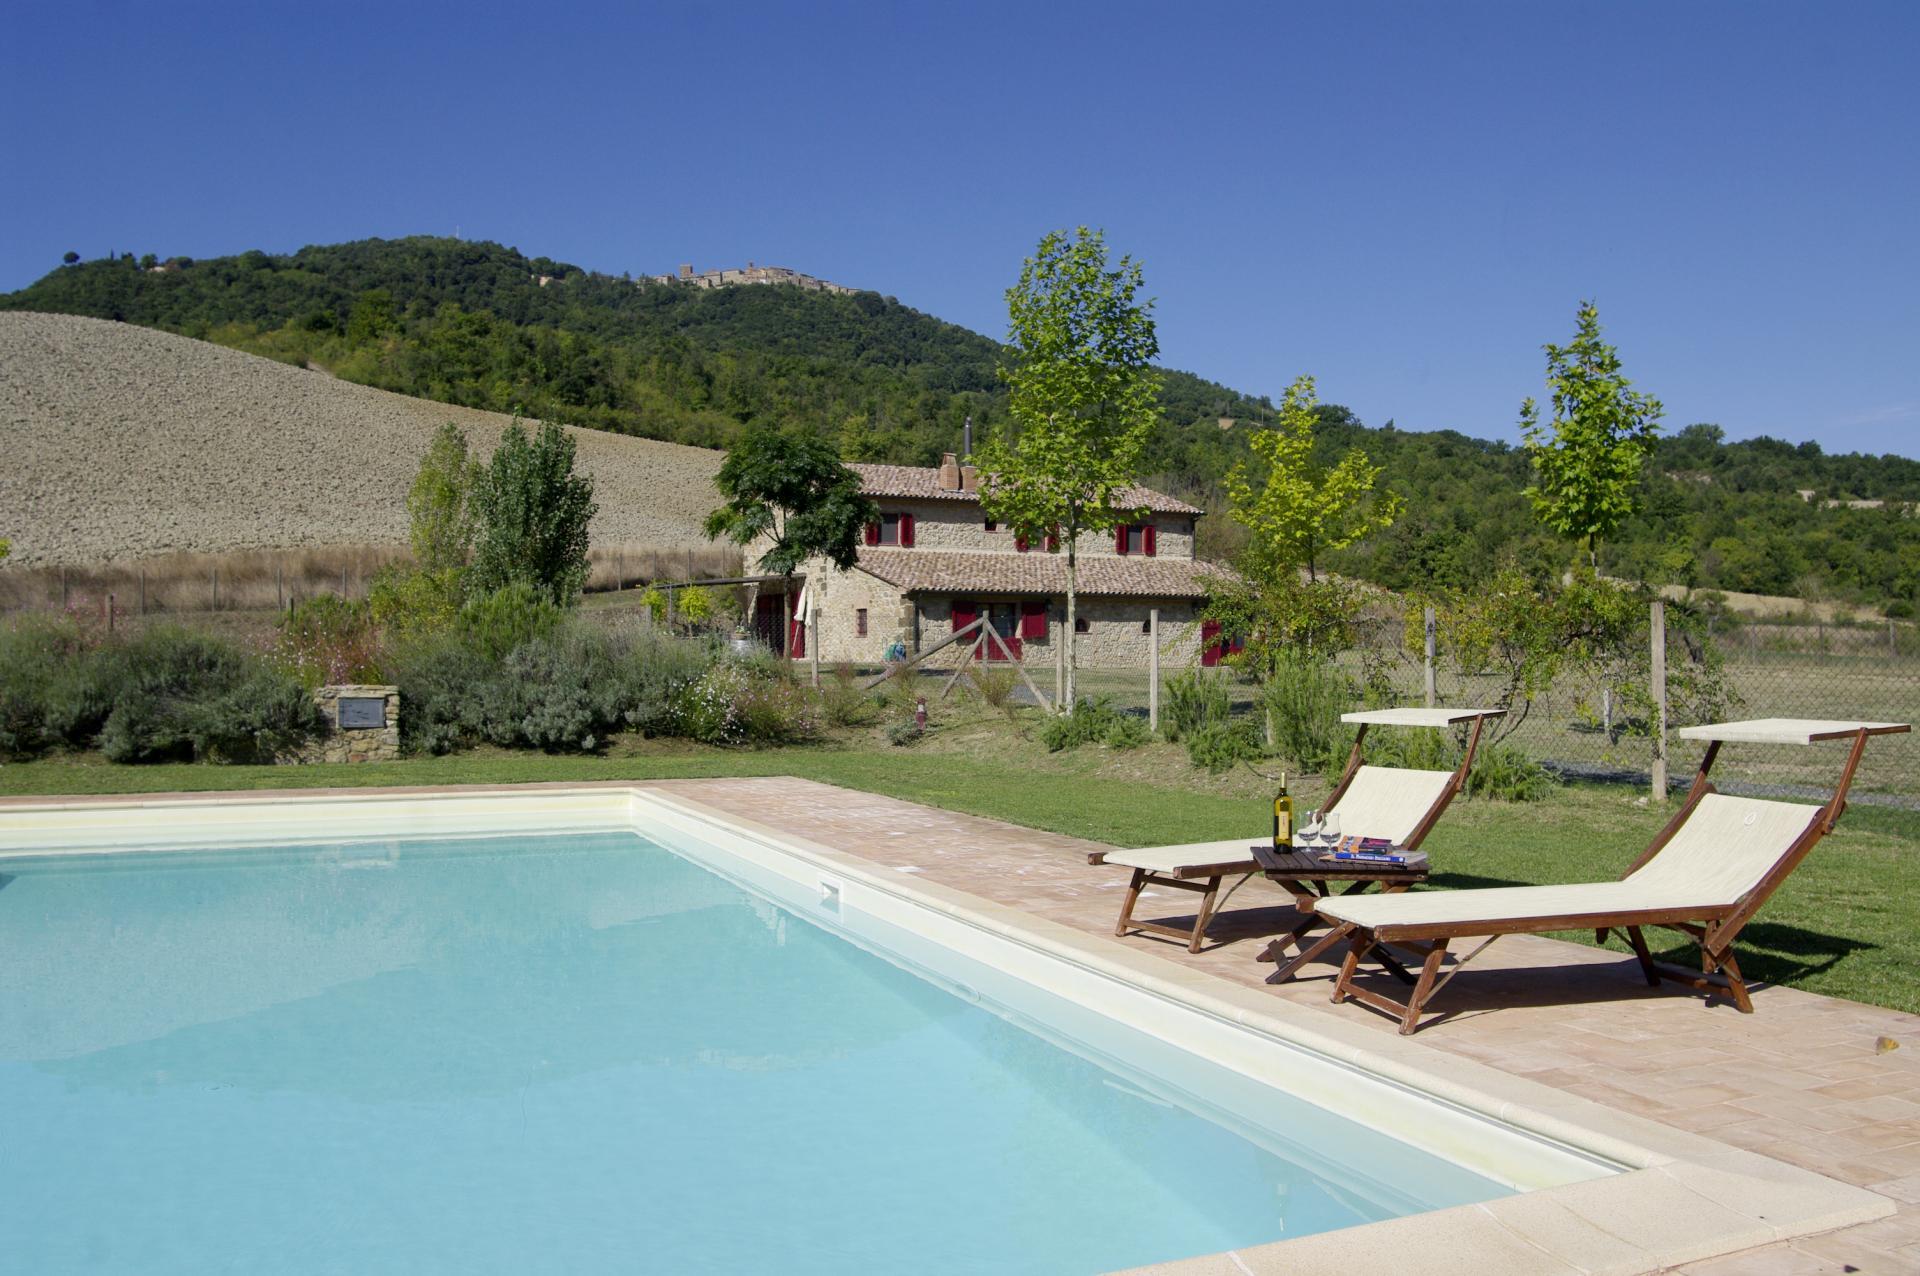 Vrijstaande villa met zwembad in sassa pisa - Zwembad met kookeiland ...